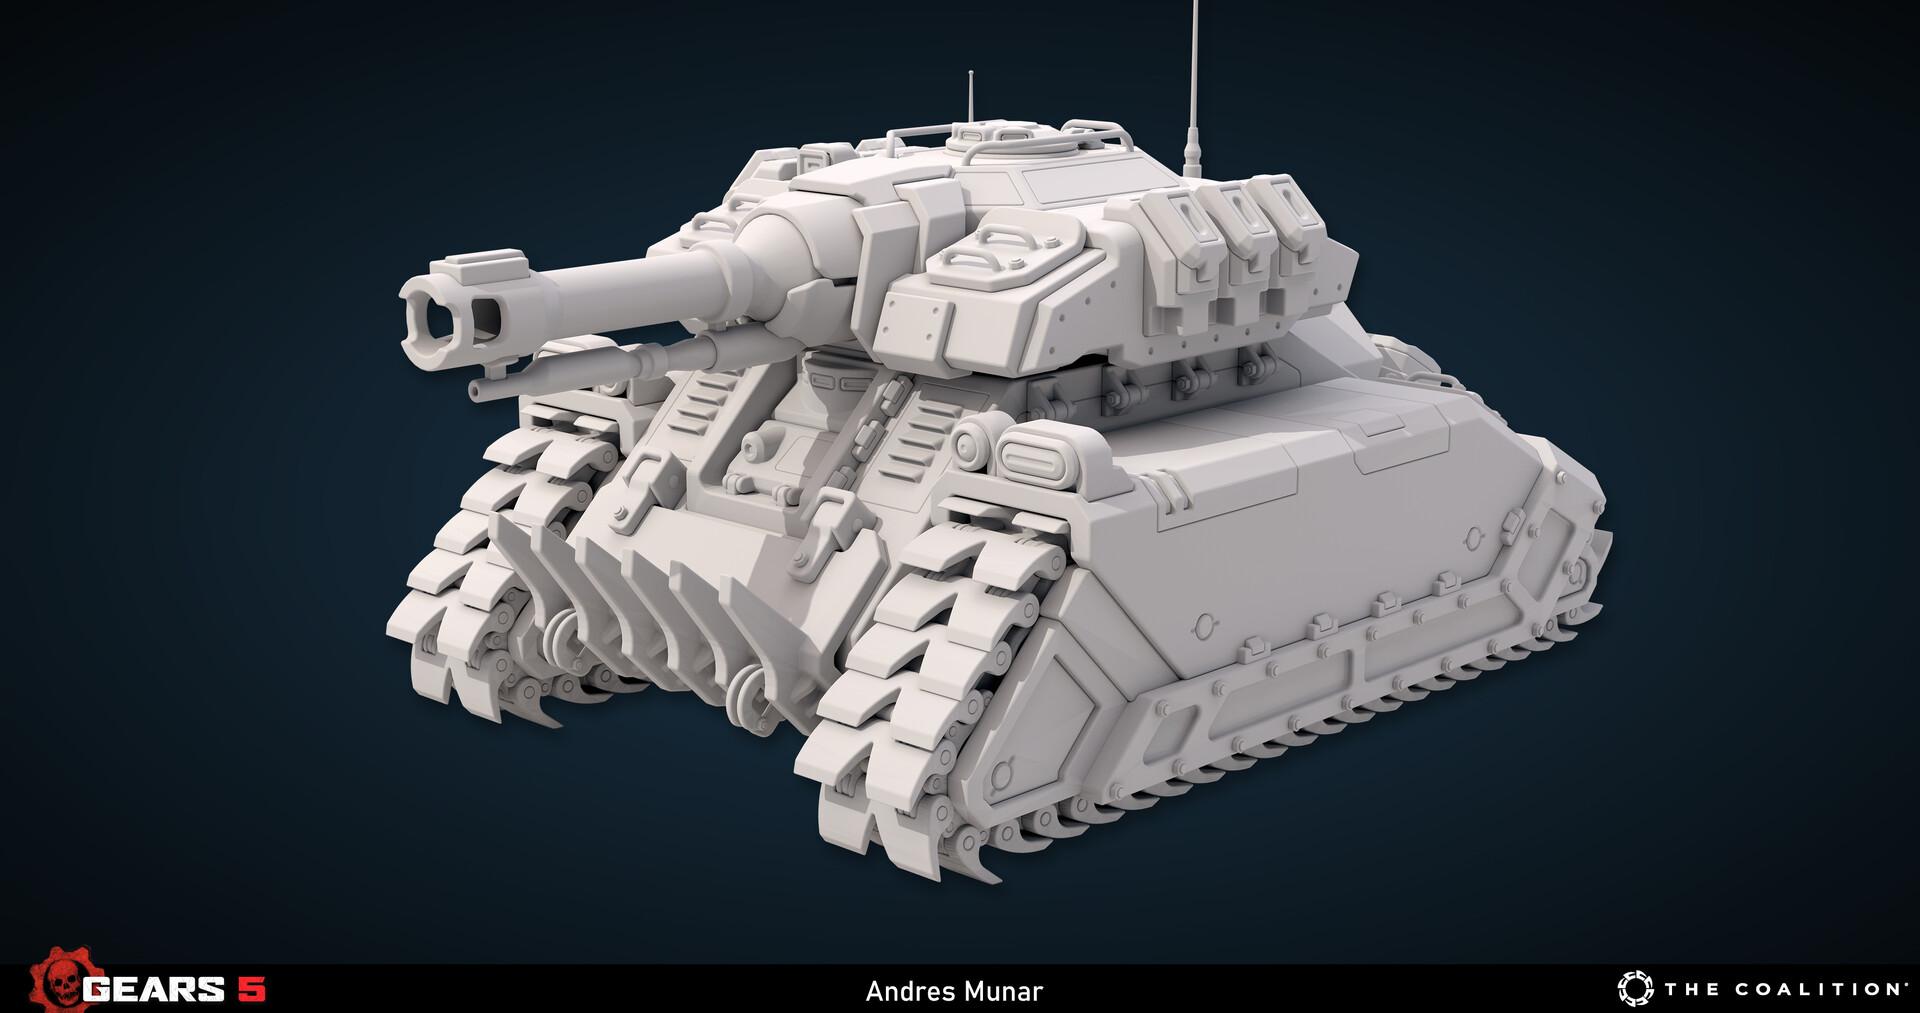 Andres munar gears5 016